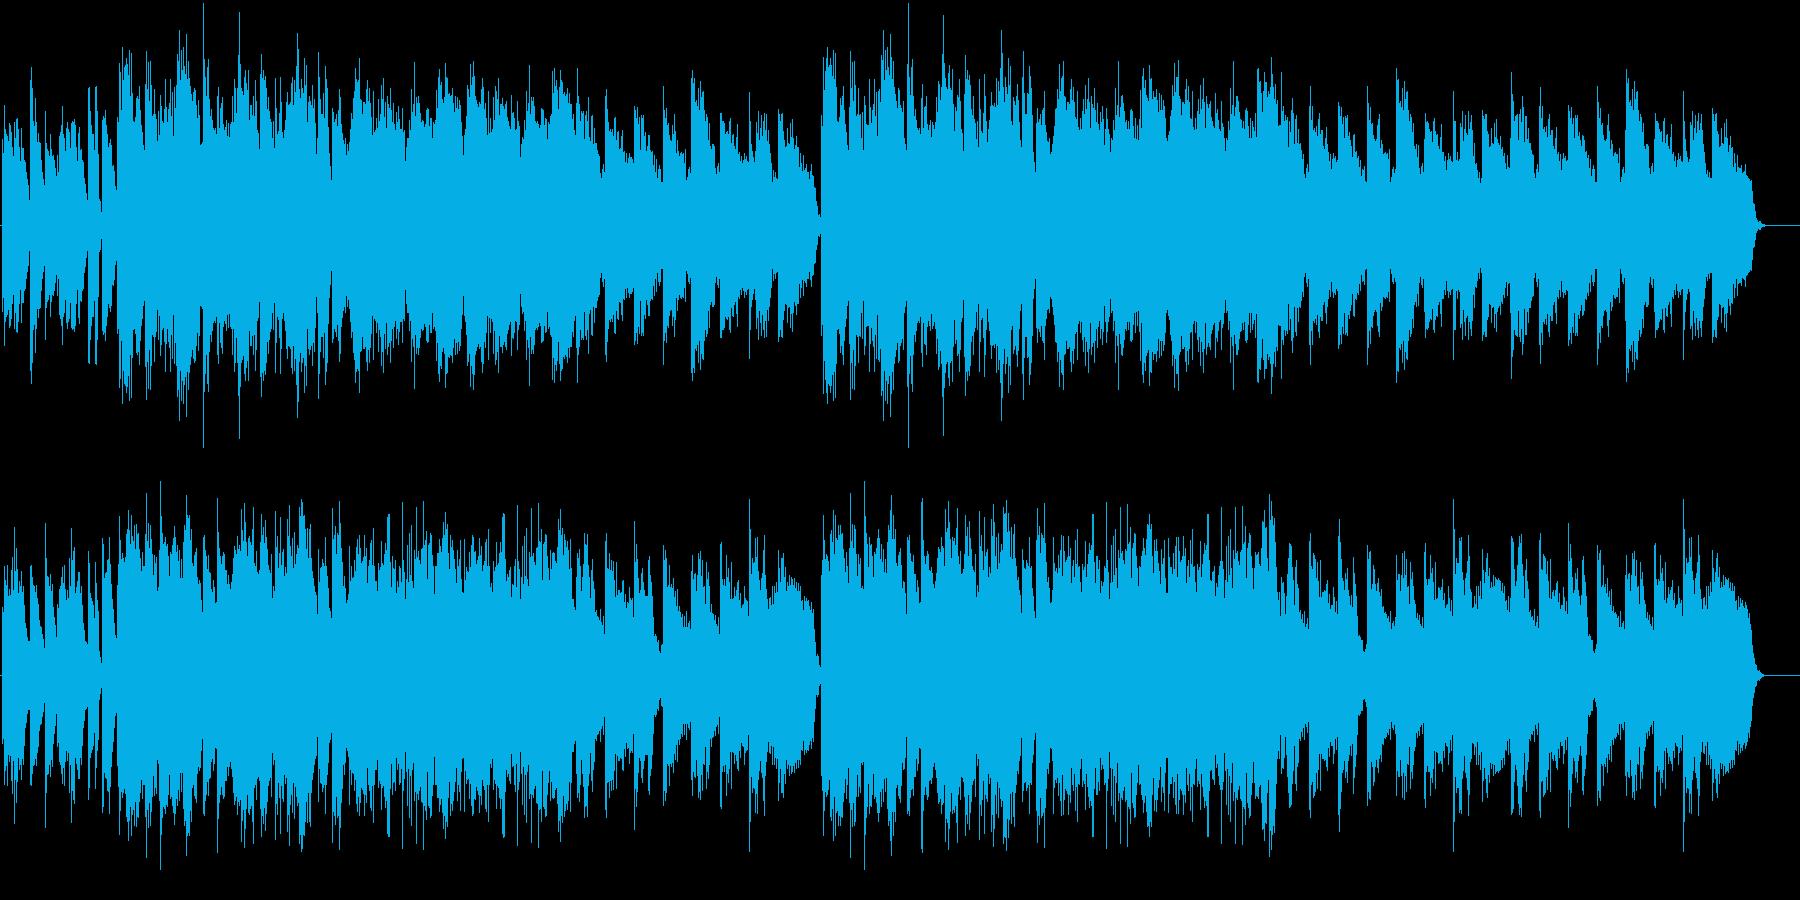 綺麗な風景に合う曲の再生済みの波形